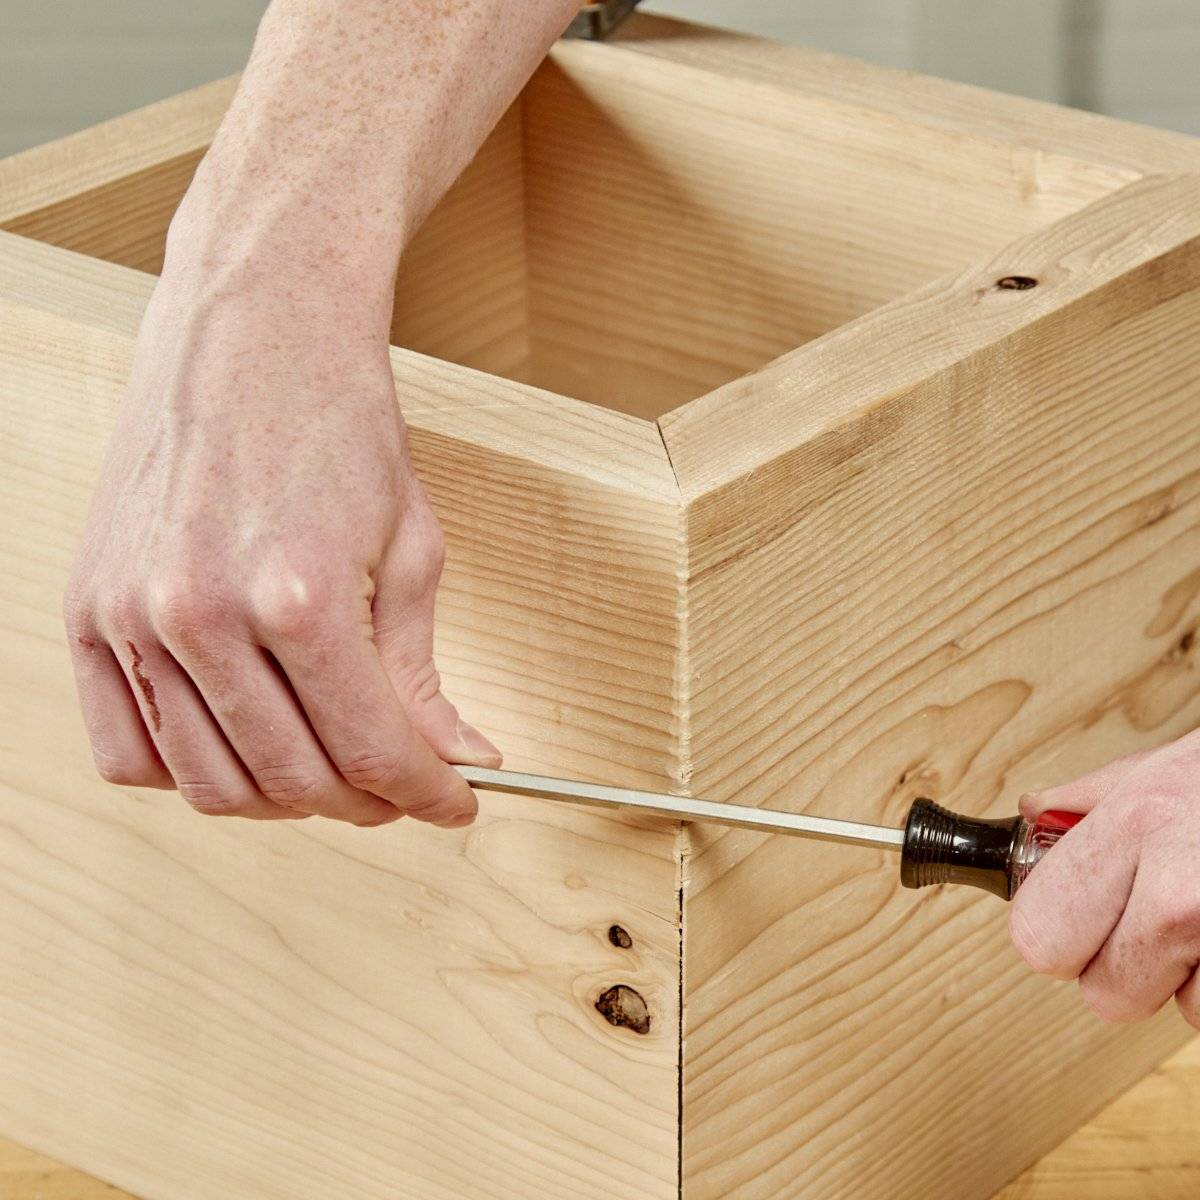 Лайфхаки для столярной мастерской – начни делать лучше уже сегодня